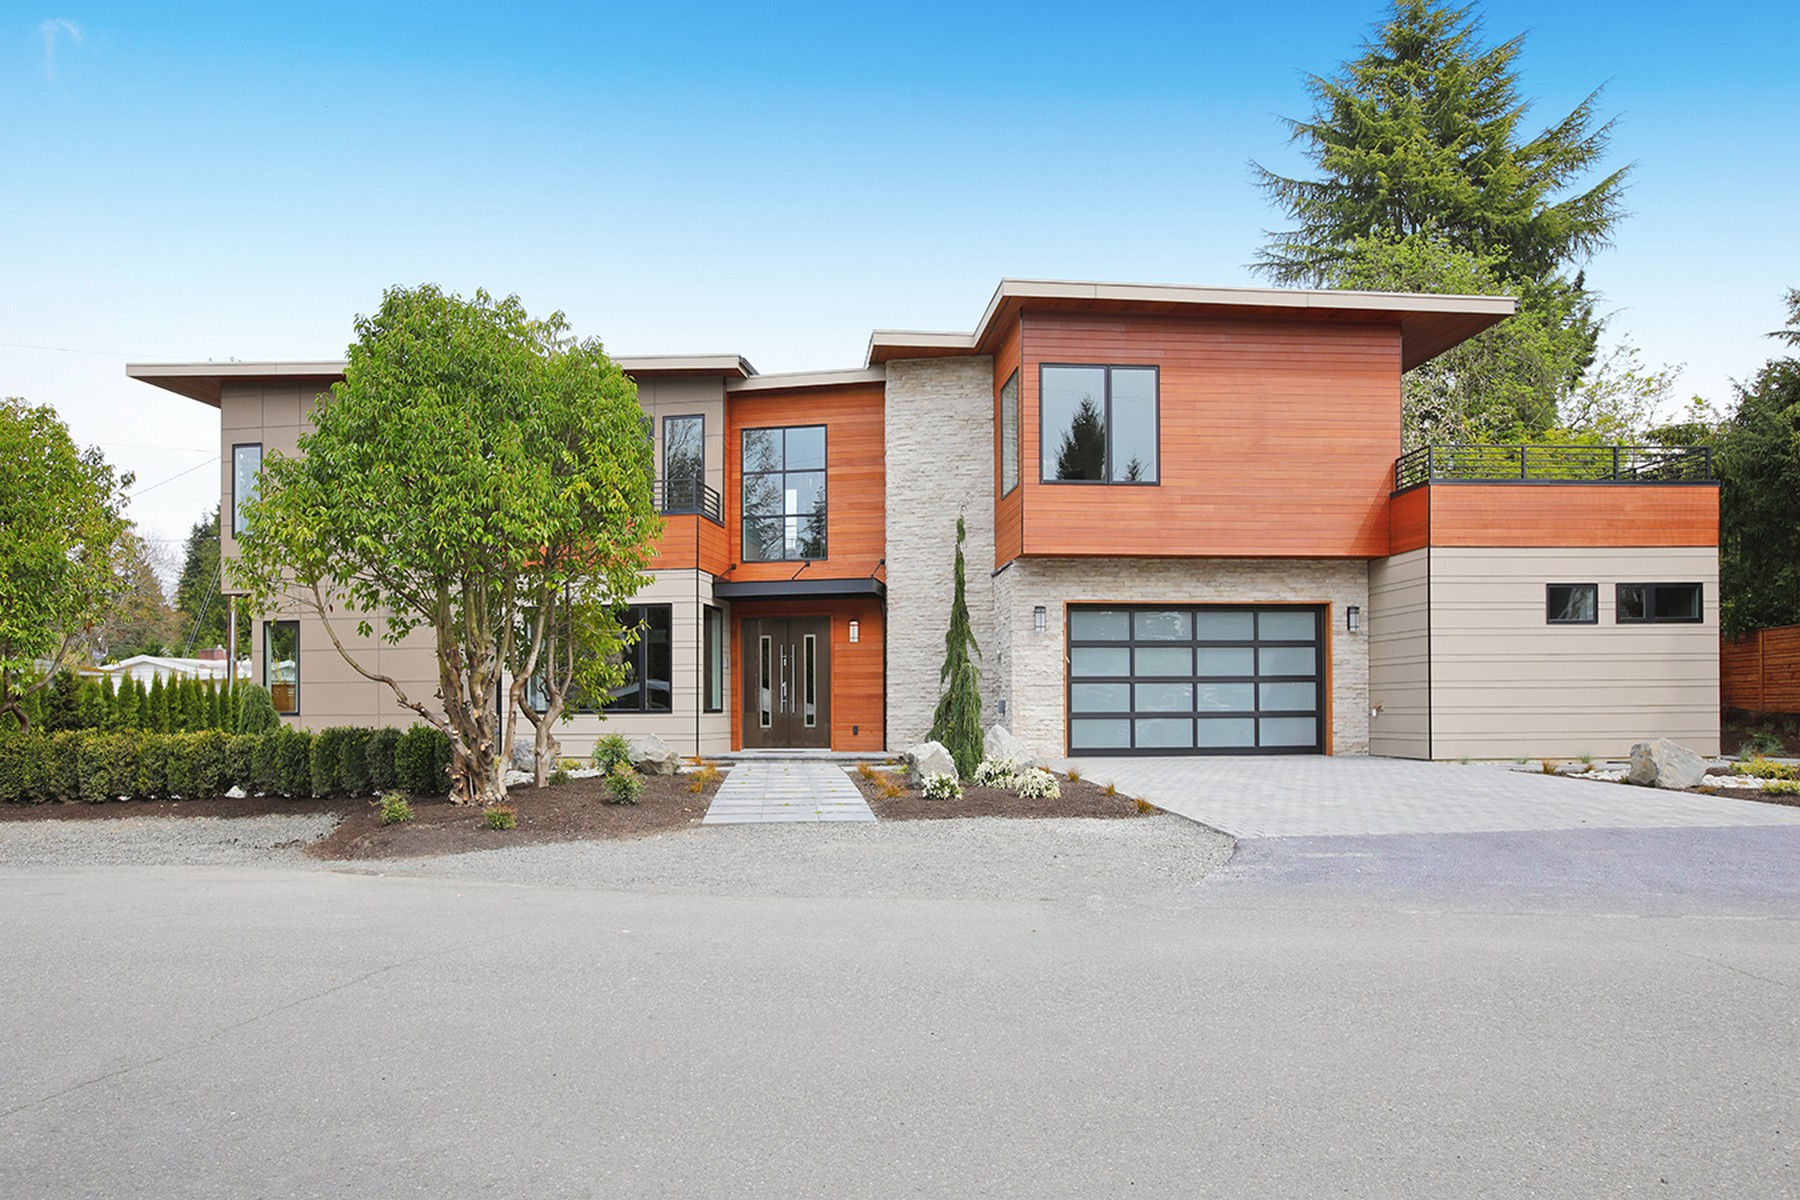 独户住宅 为 销售 在 Downtown 1288 106th Place NE 贝尔维尤, 华盛顿州 98004 美国